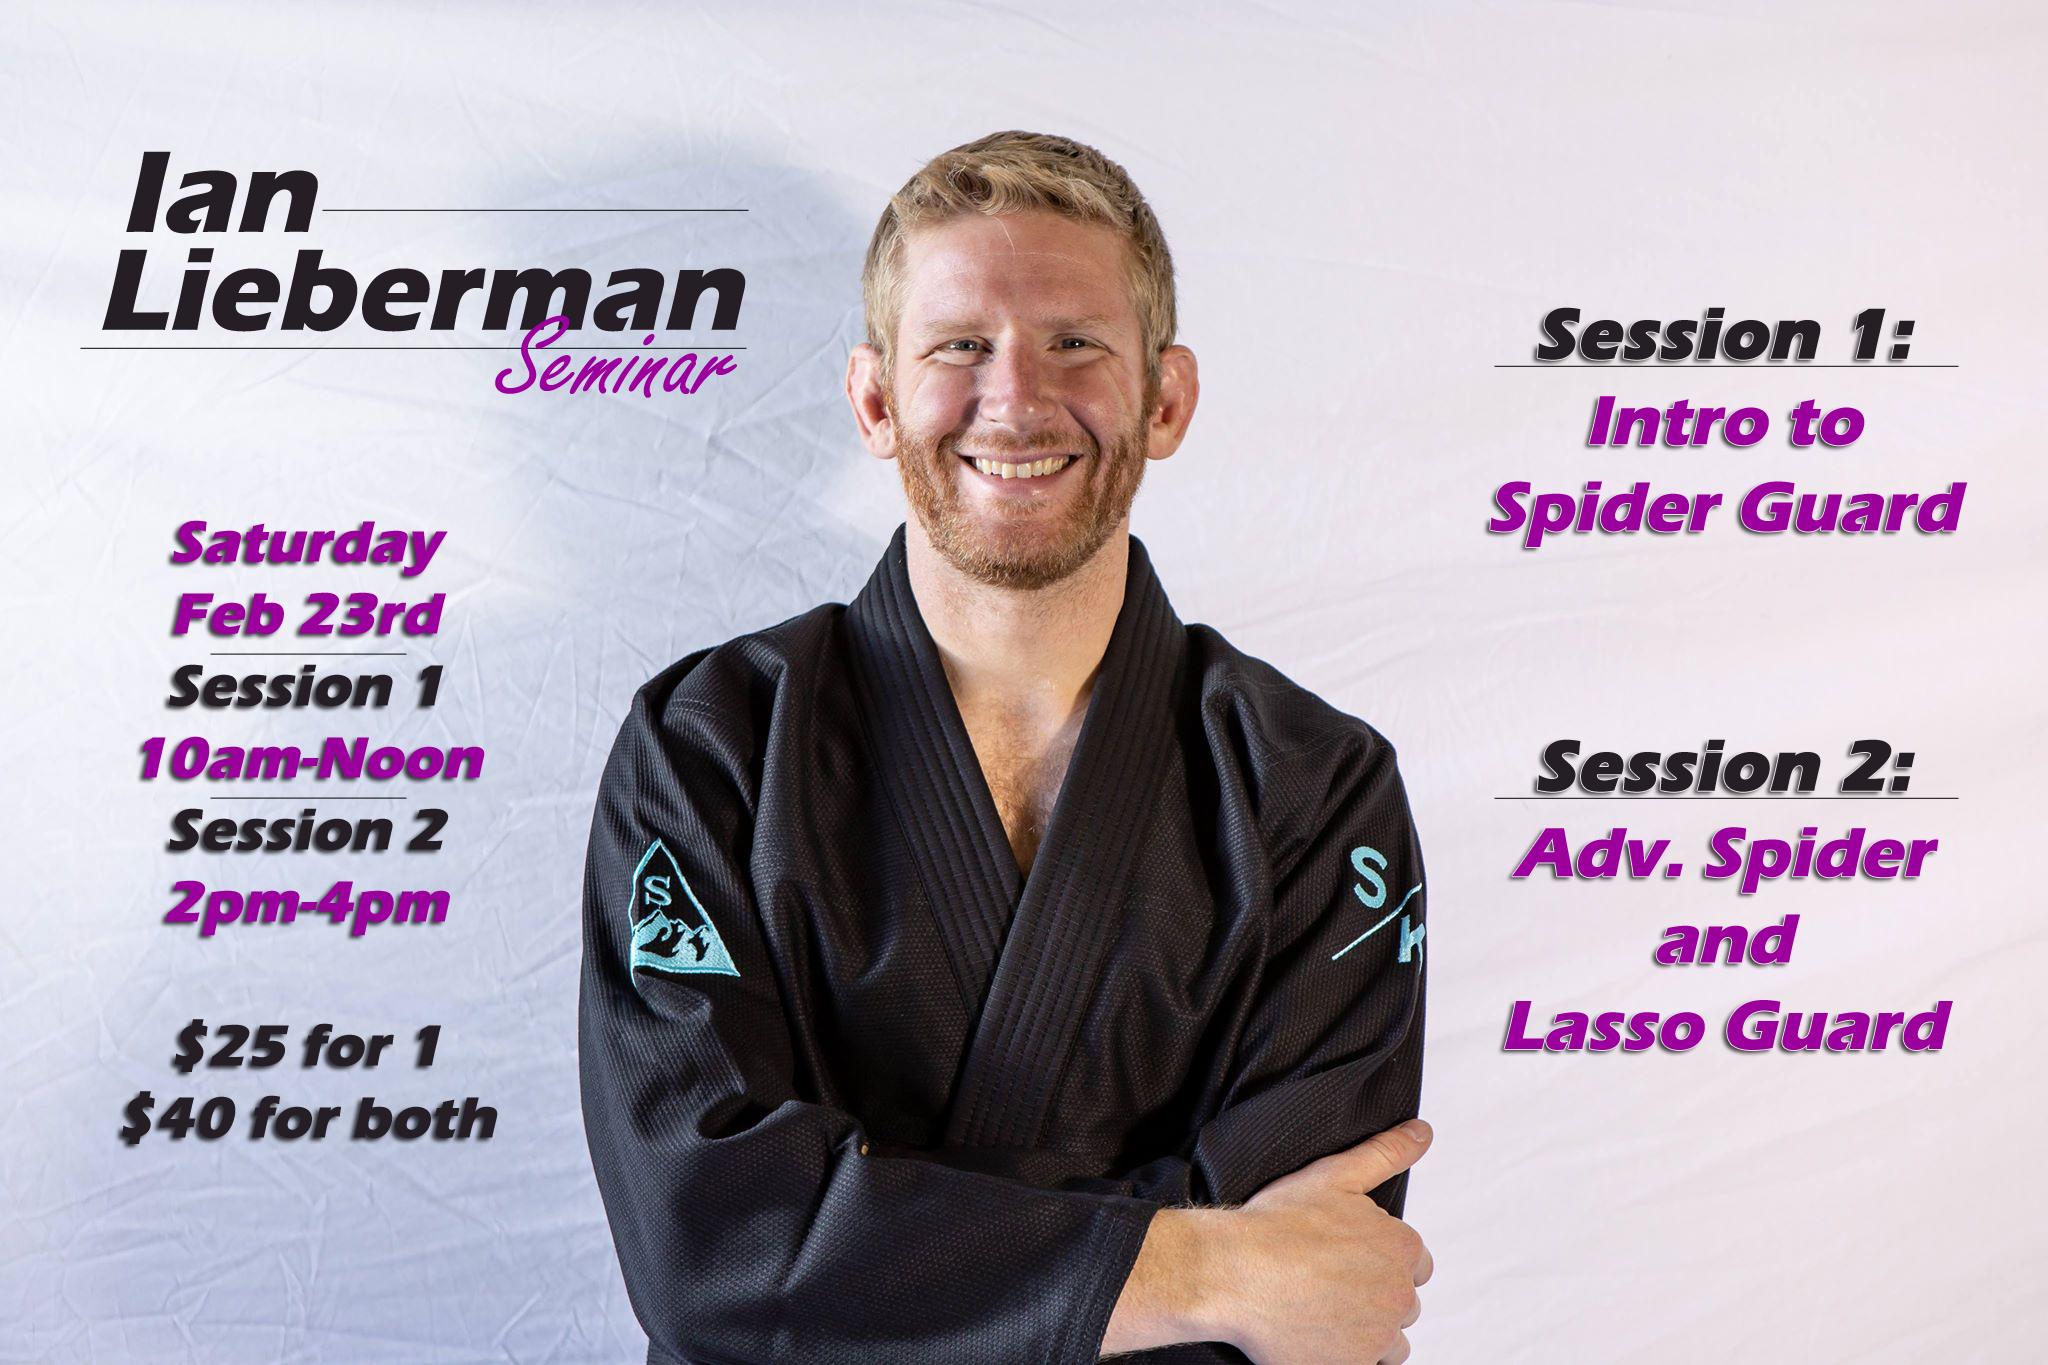 Ian Leiberman Seminar 2019